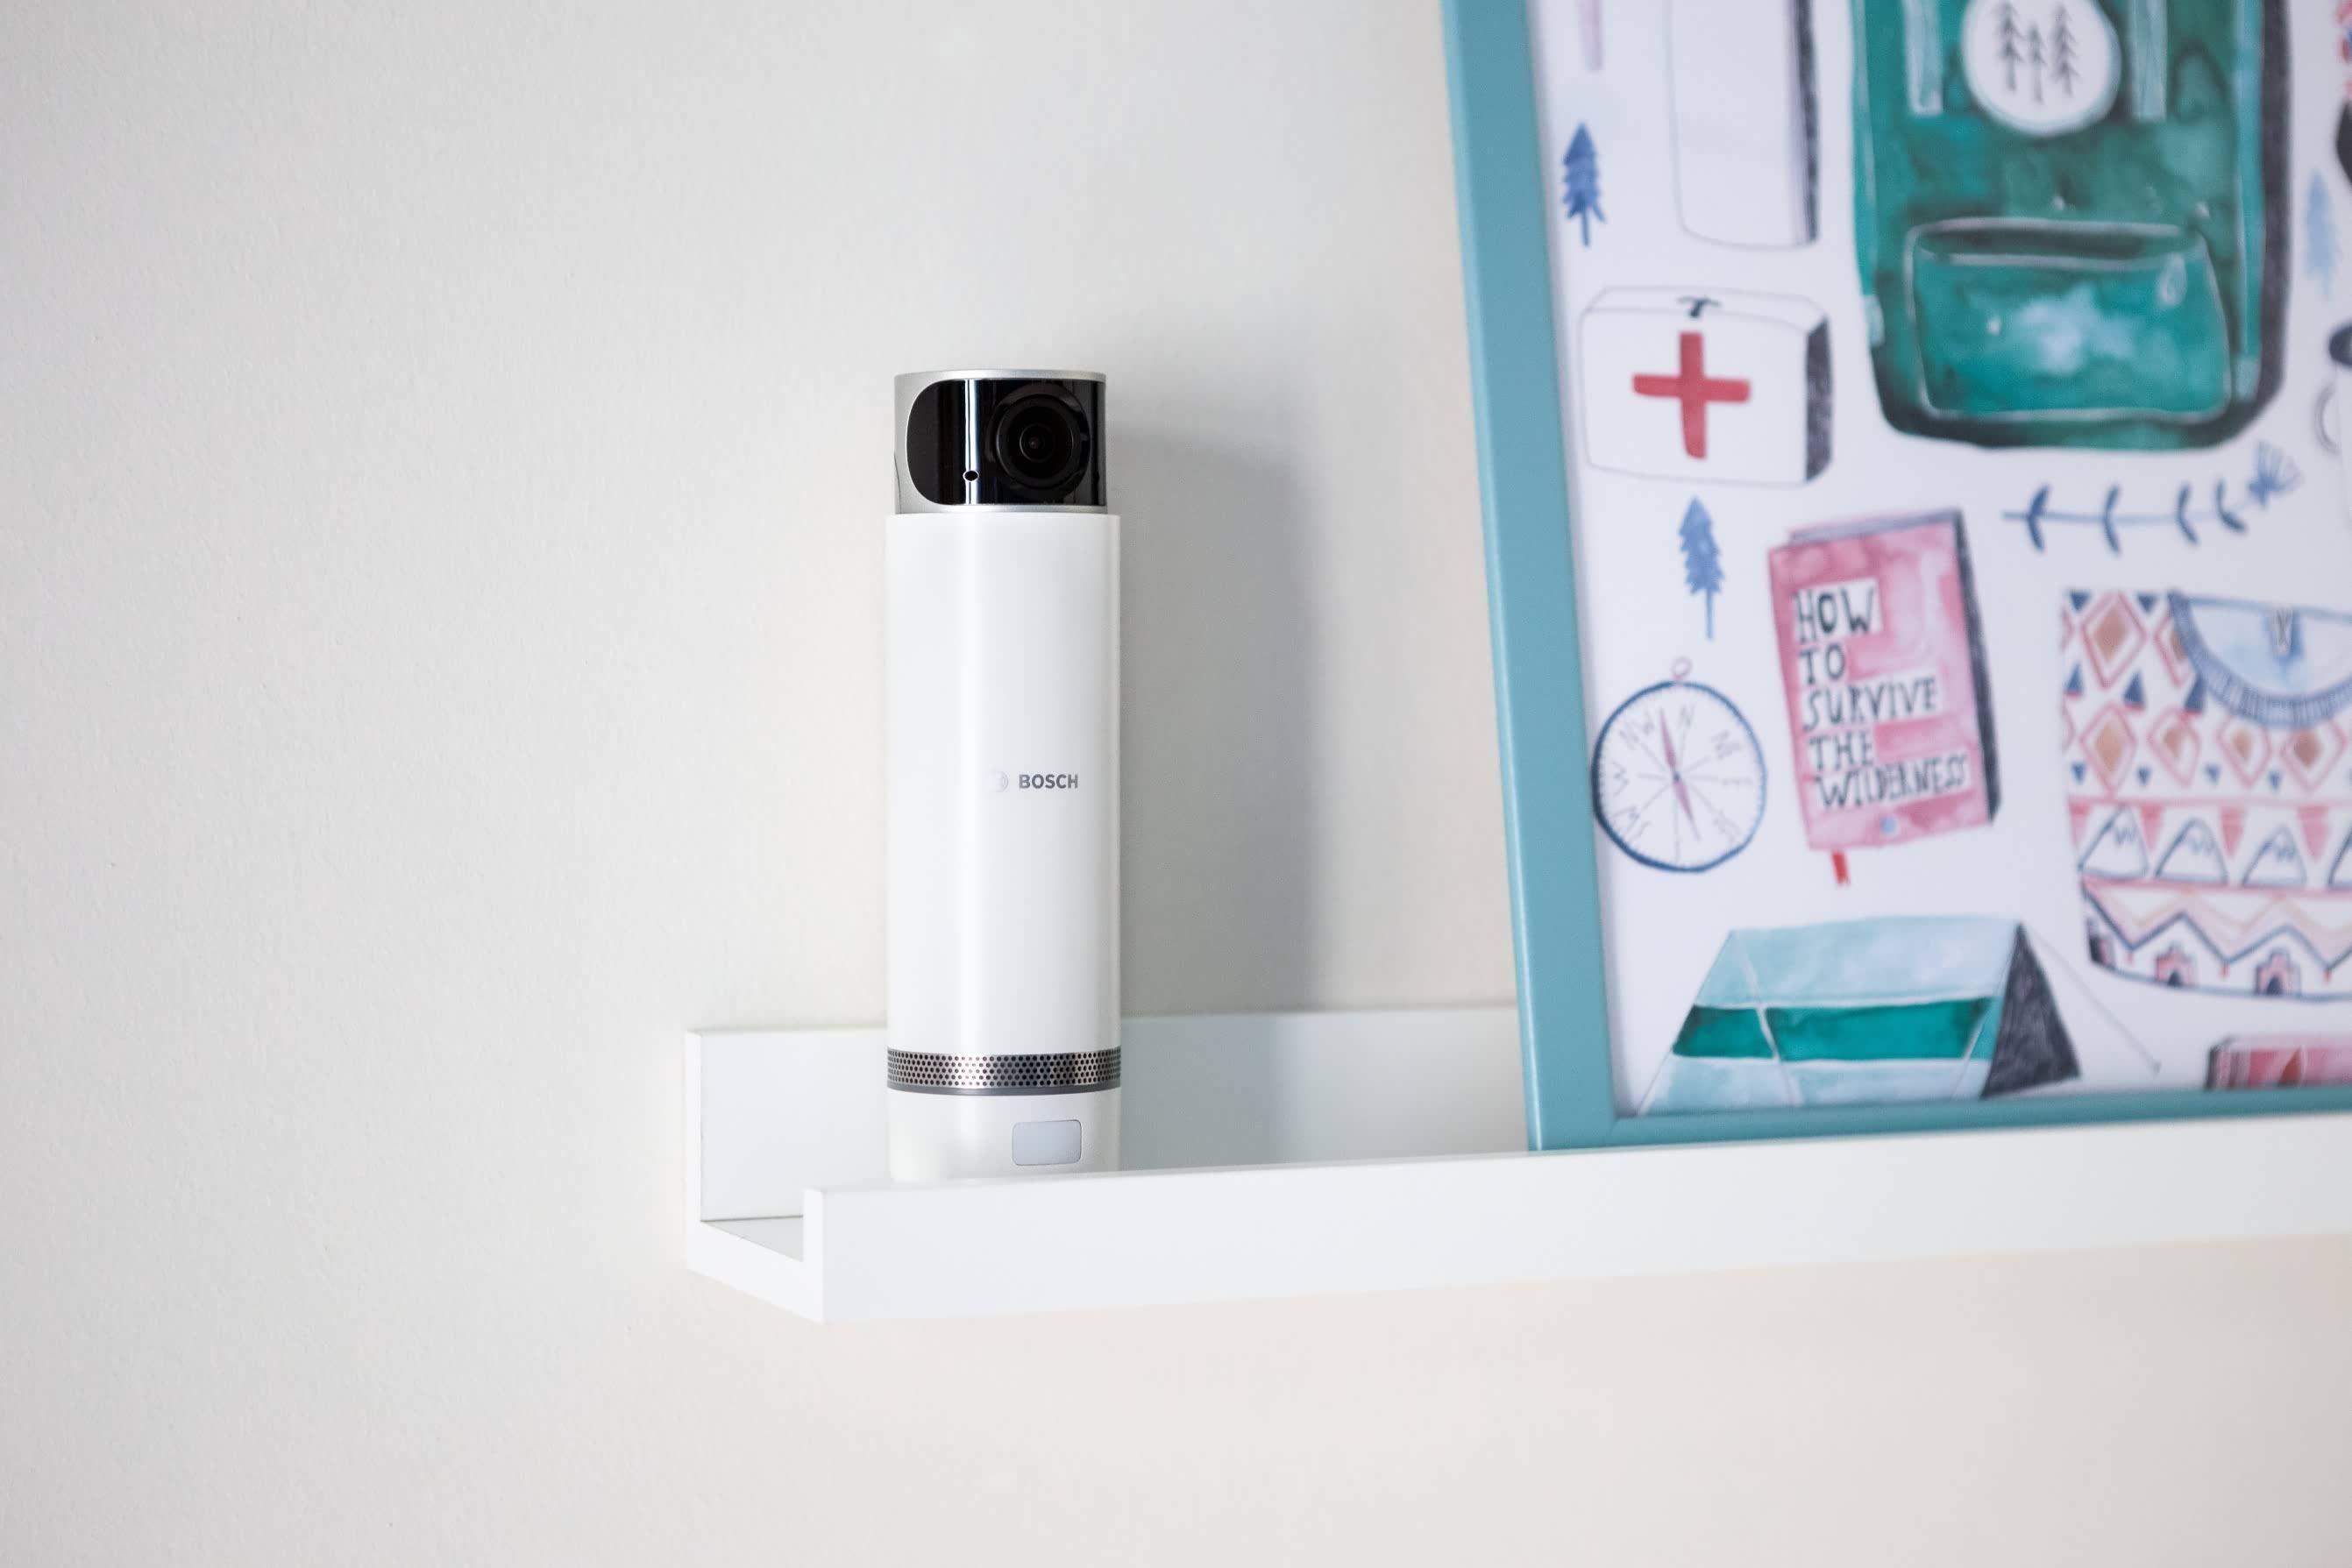 Bosch Kühlschrank Alarm Deaktivieren : Ein plus an sicherheit und komfort für das zuhause